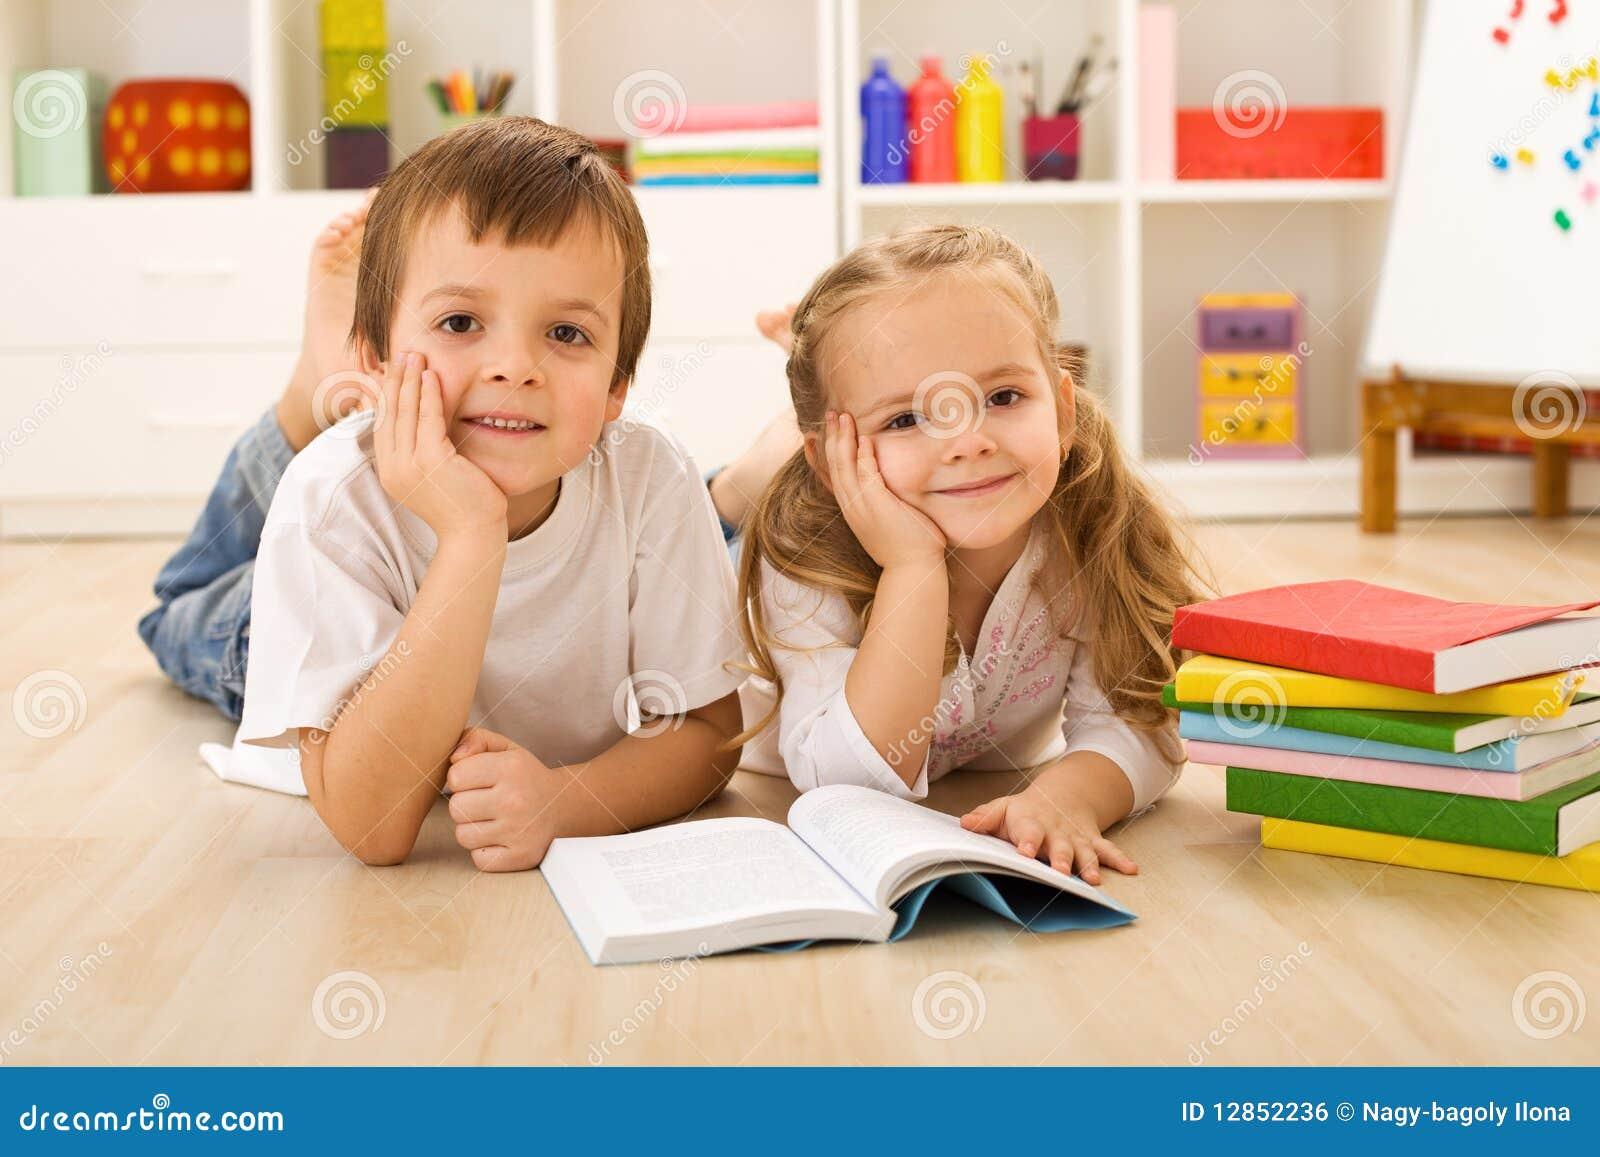 Glückliche Kinder mit den Büchern, die auf den Fußboden legen